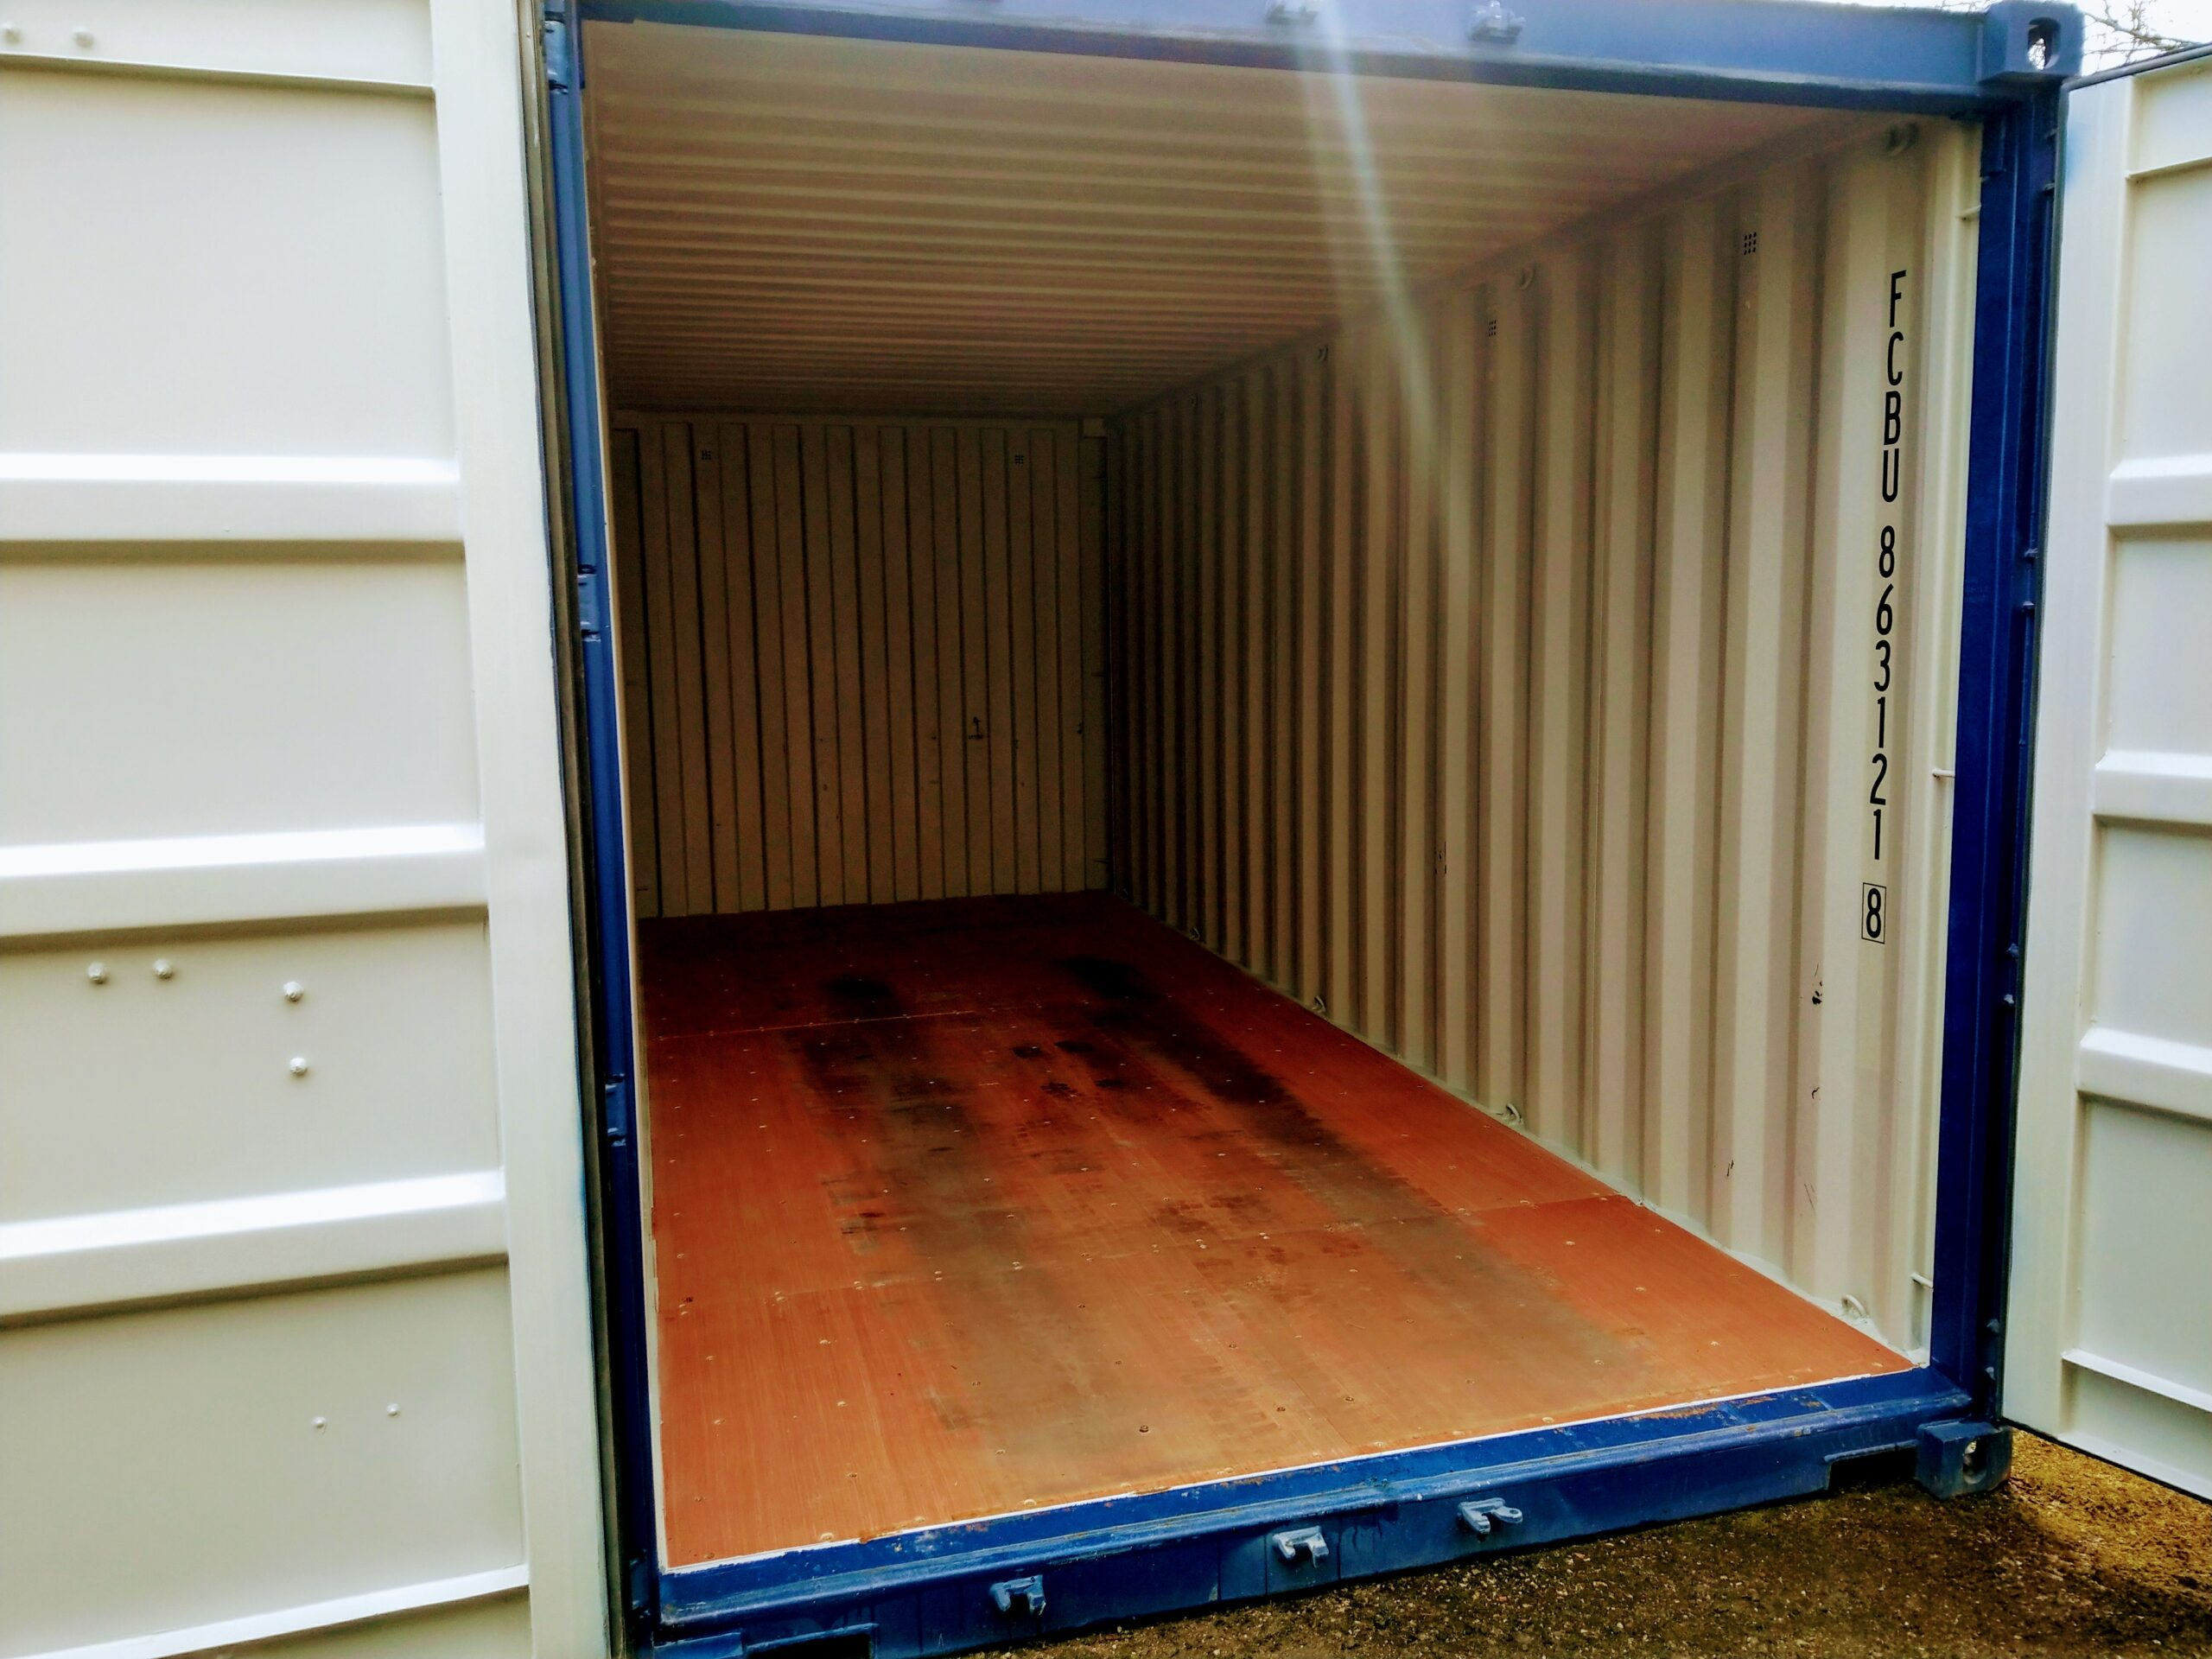 Uus konteinerladu NR 9